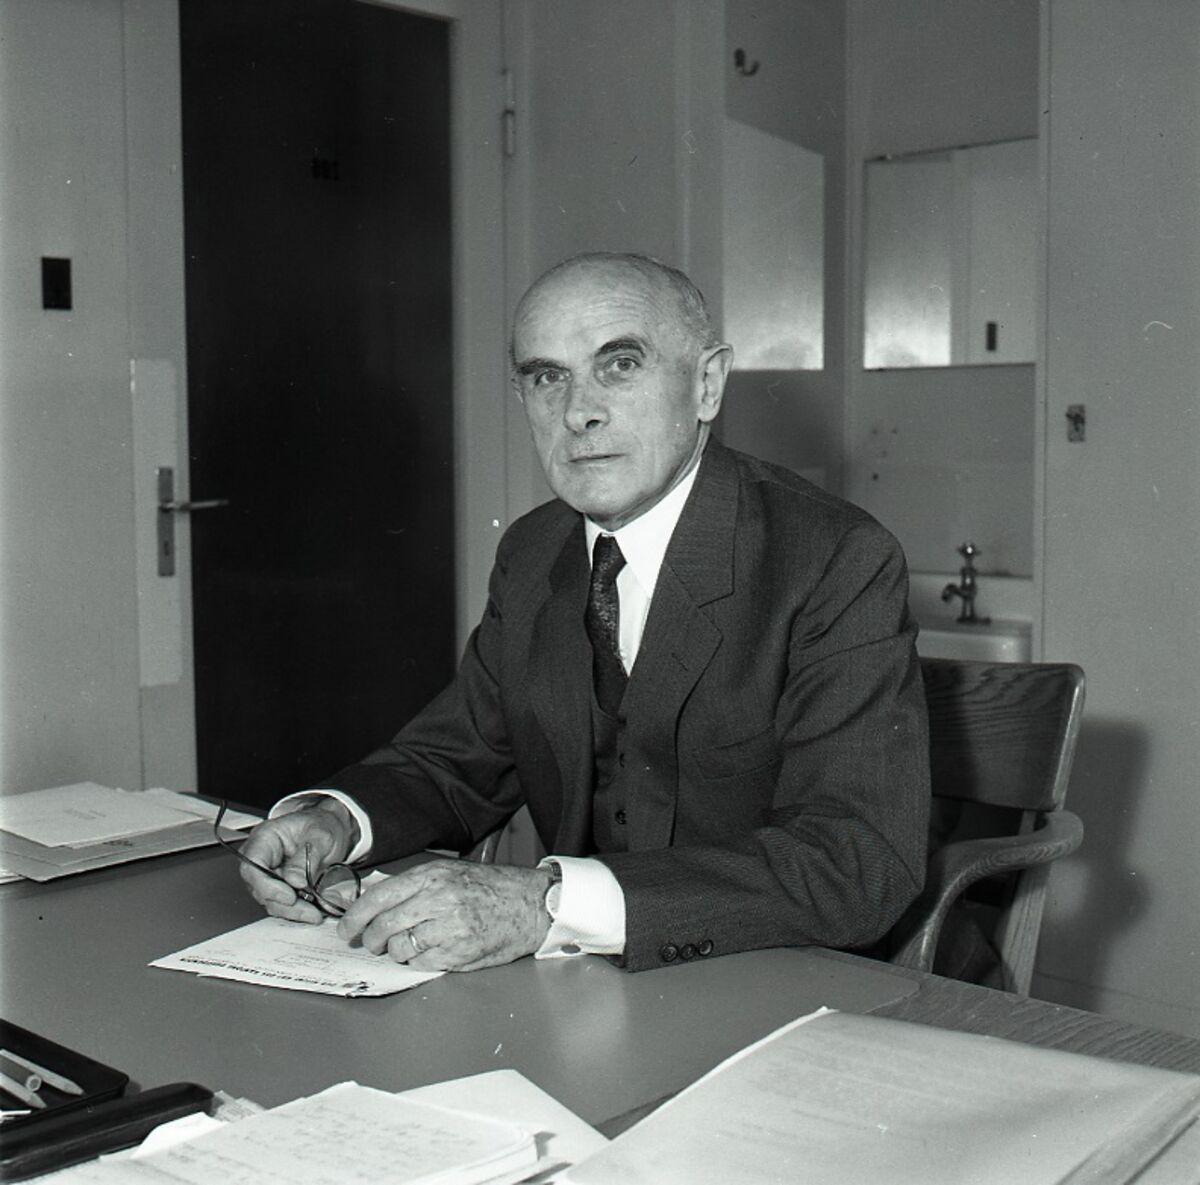 GFA 17/630949.2: Herr Dr. Bühlmann